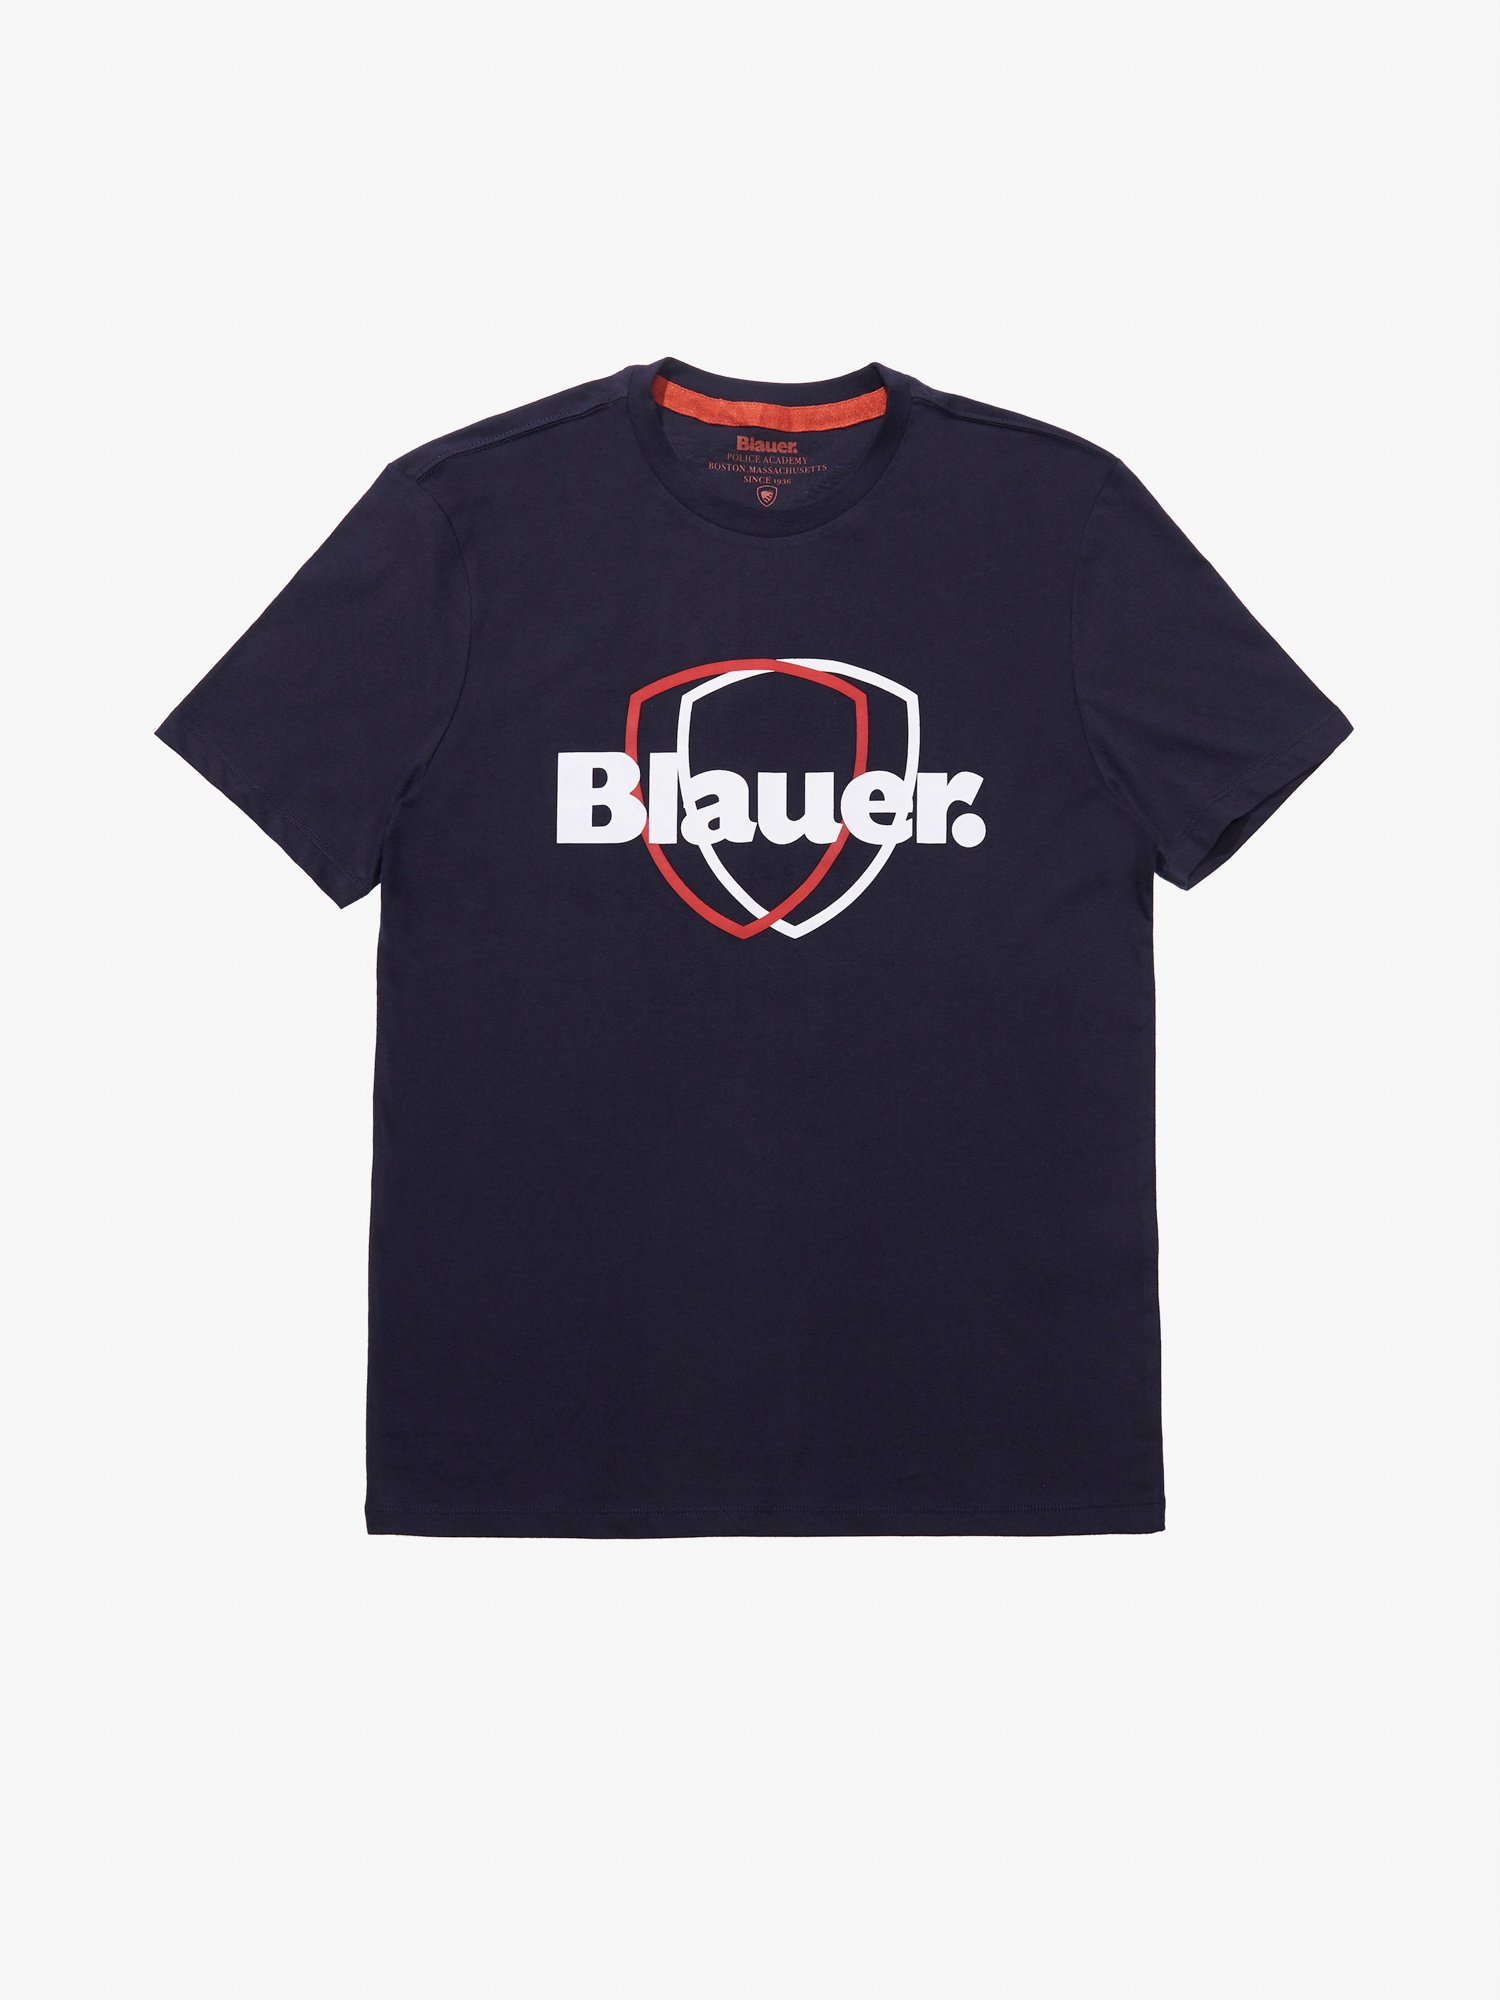 DOUBLE SHIELD T-SHIRT - Blauer